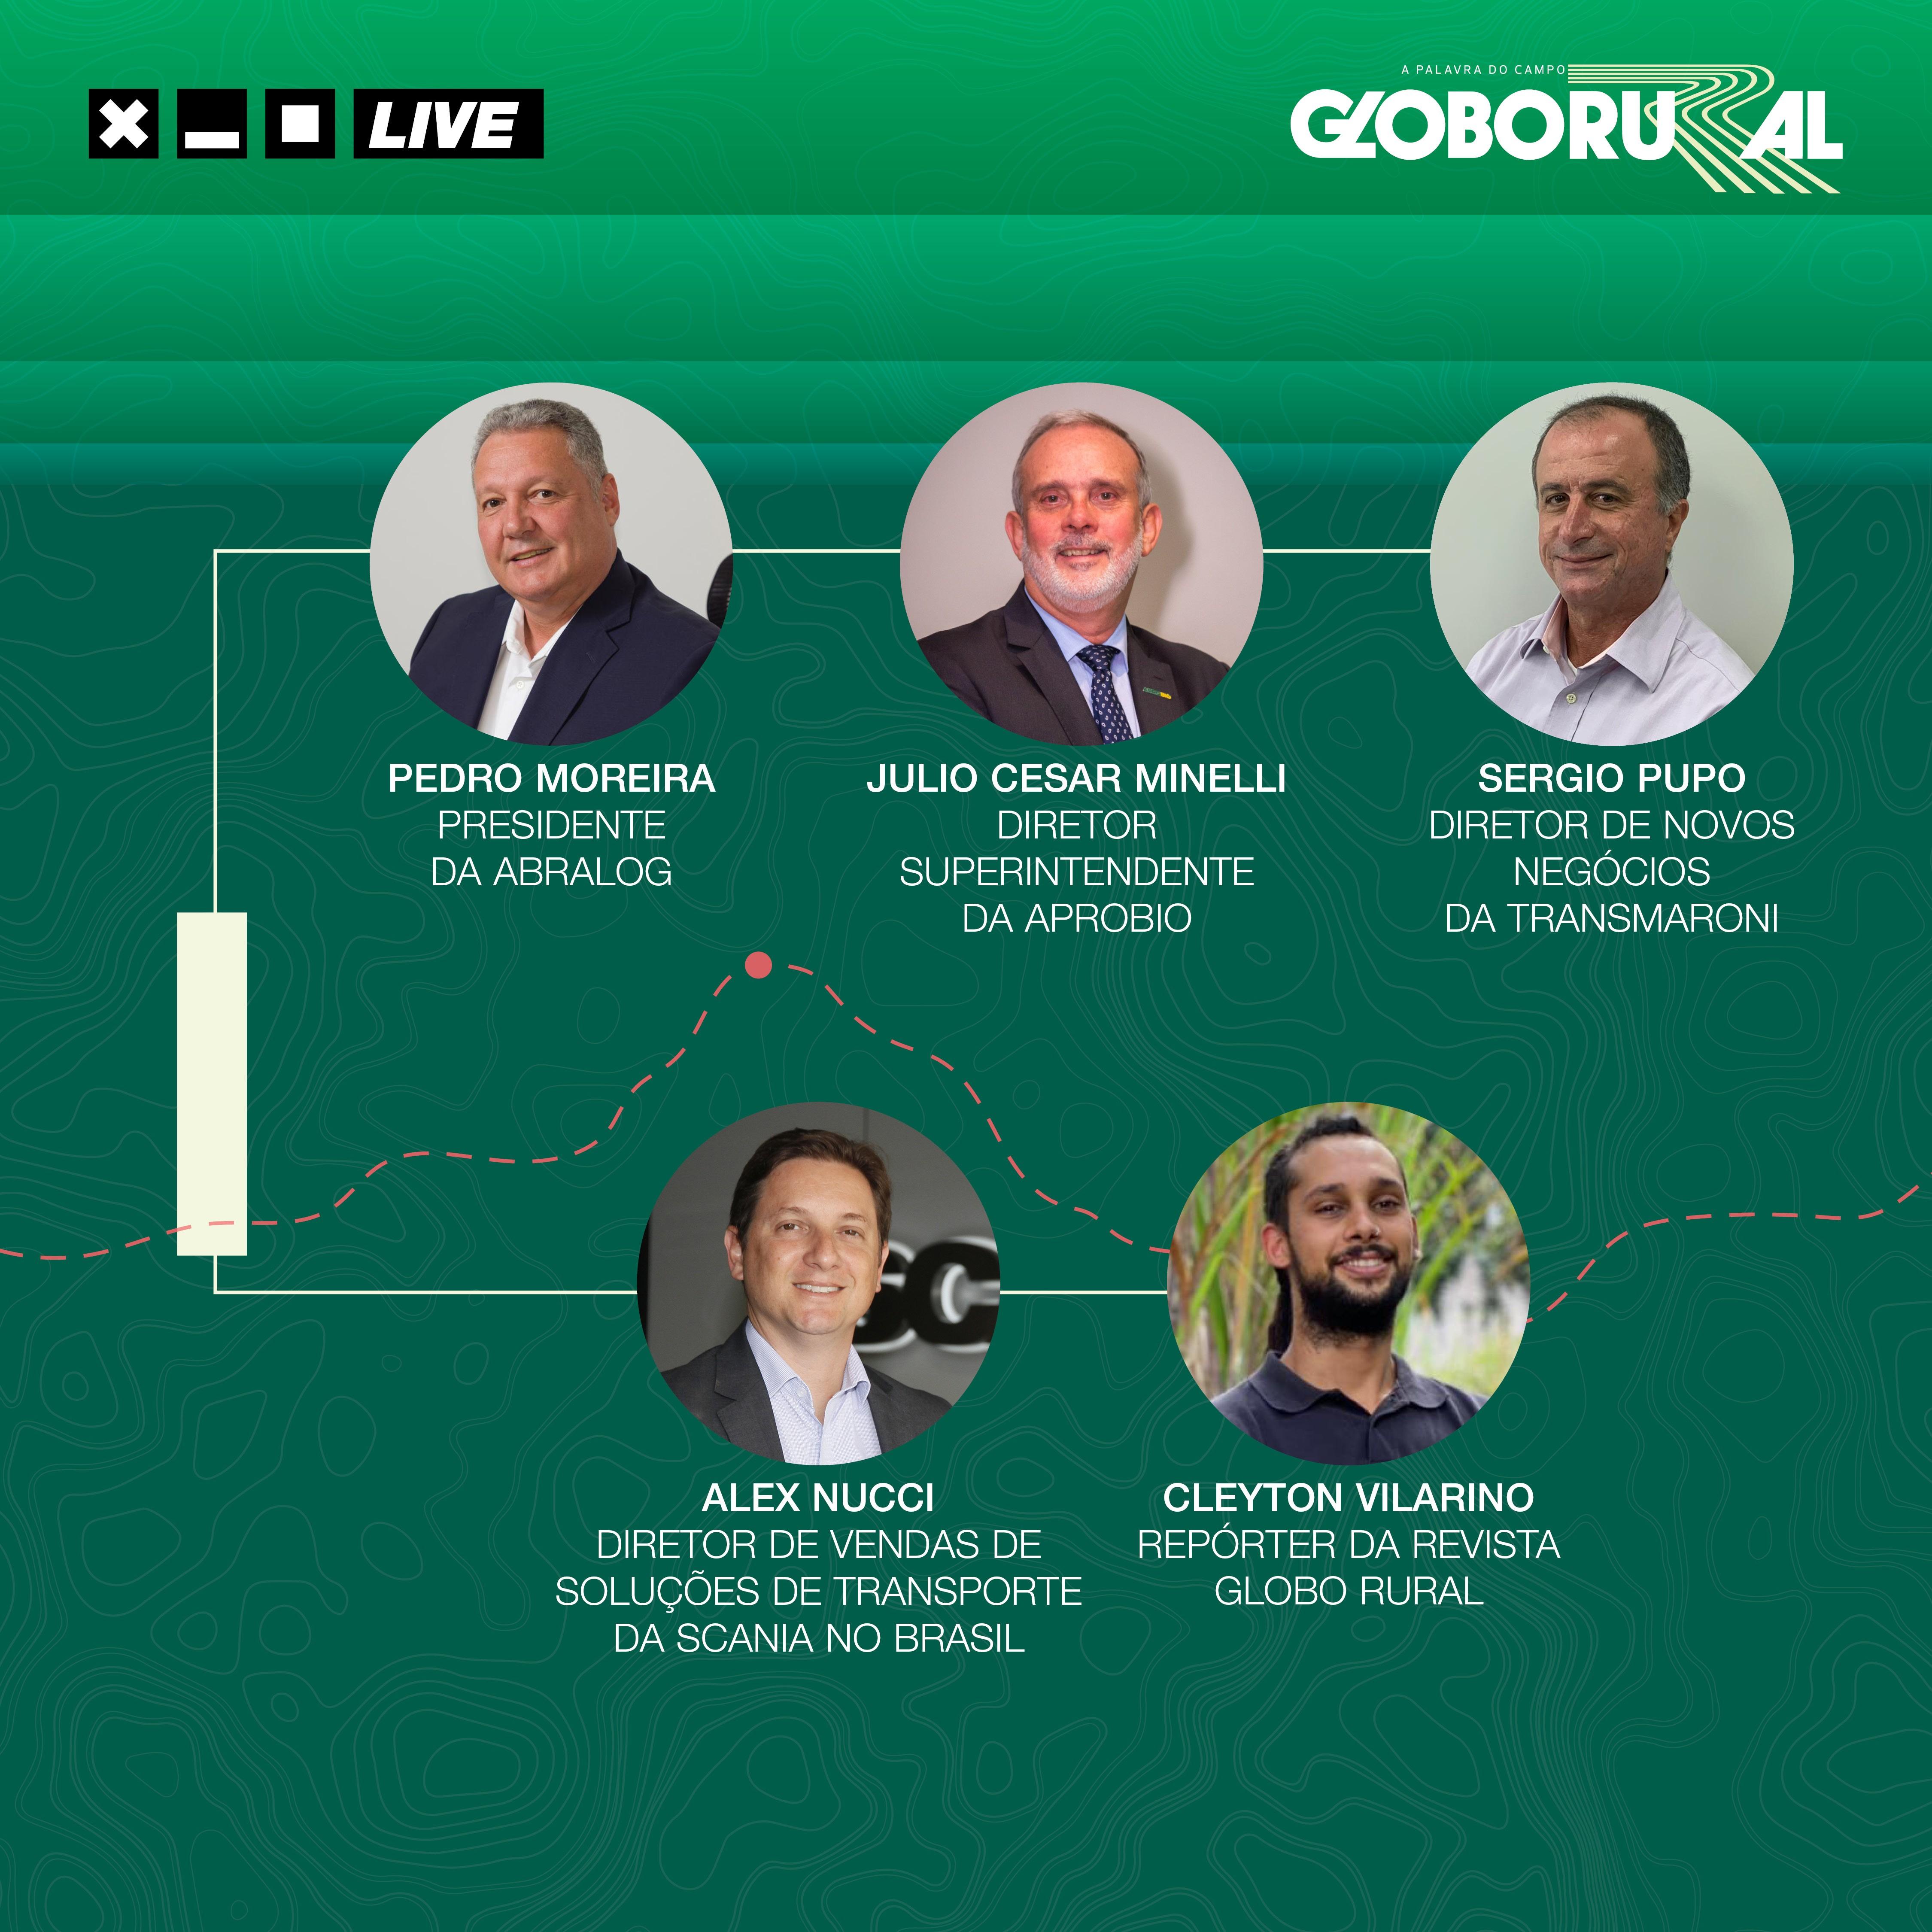 Transmissão ao vivo debaterá o futuro da logística sustentável no Brasil (Foto: Estúdio de criação/Ed.Globo)